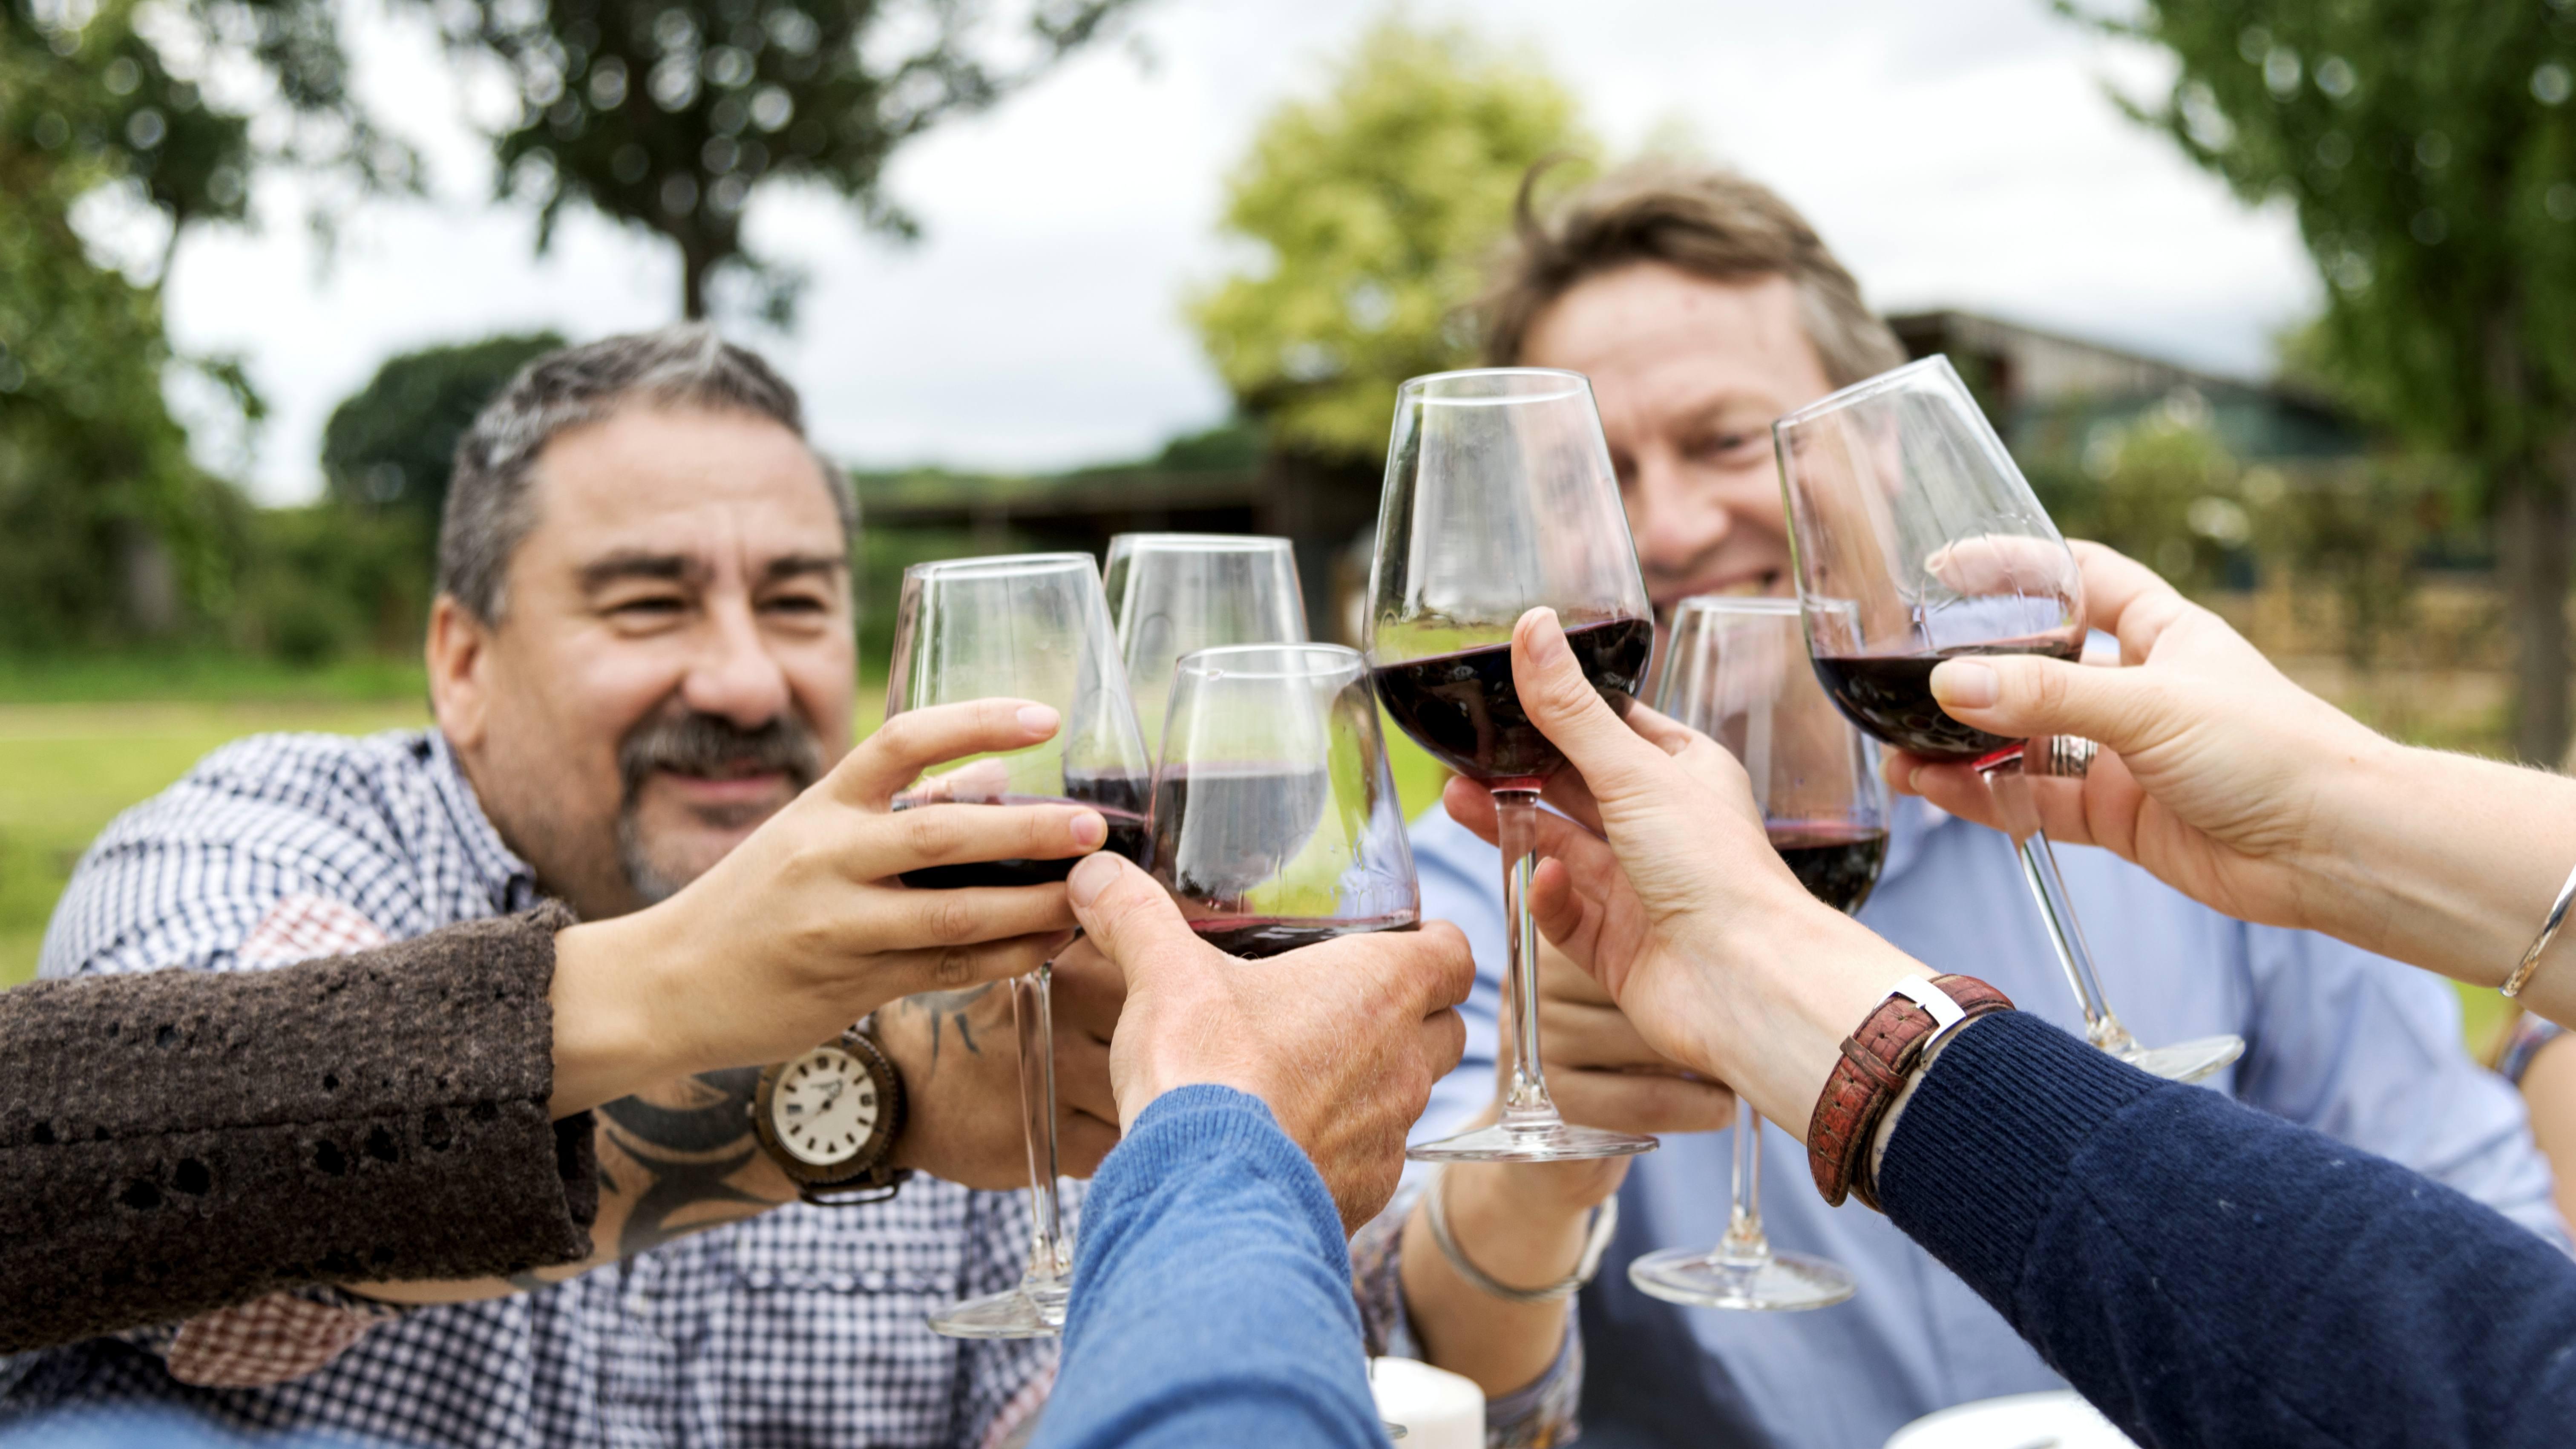 Preguntas y respuestas es beber alcohol a diario un problema de alcoholismo mayo clinic - Un mes sin beber alcohol ...